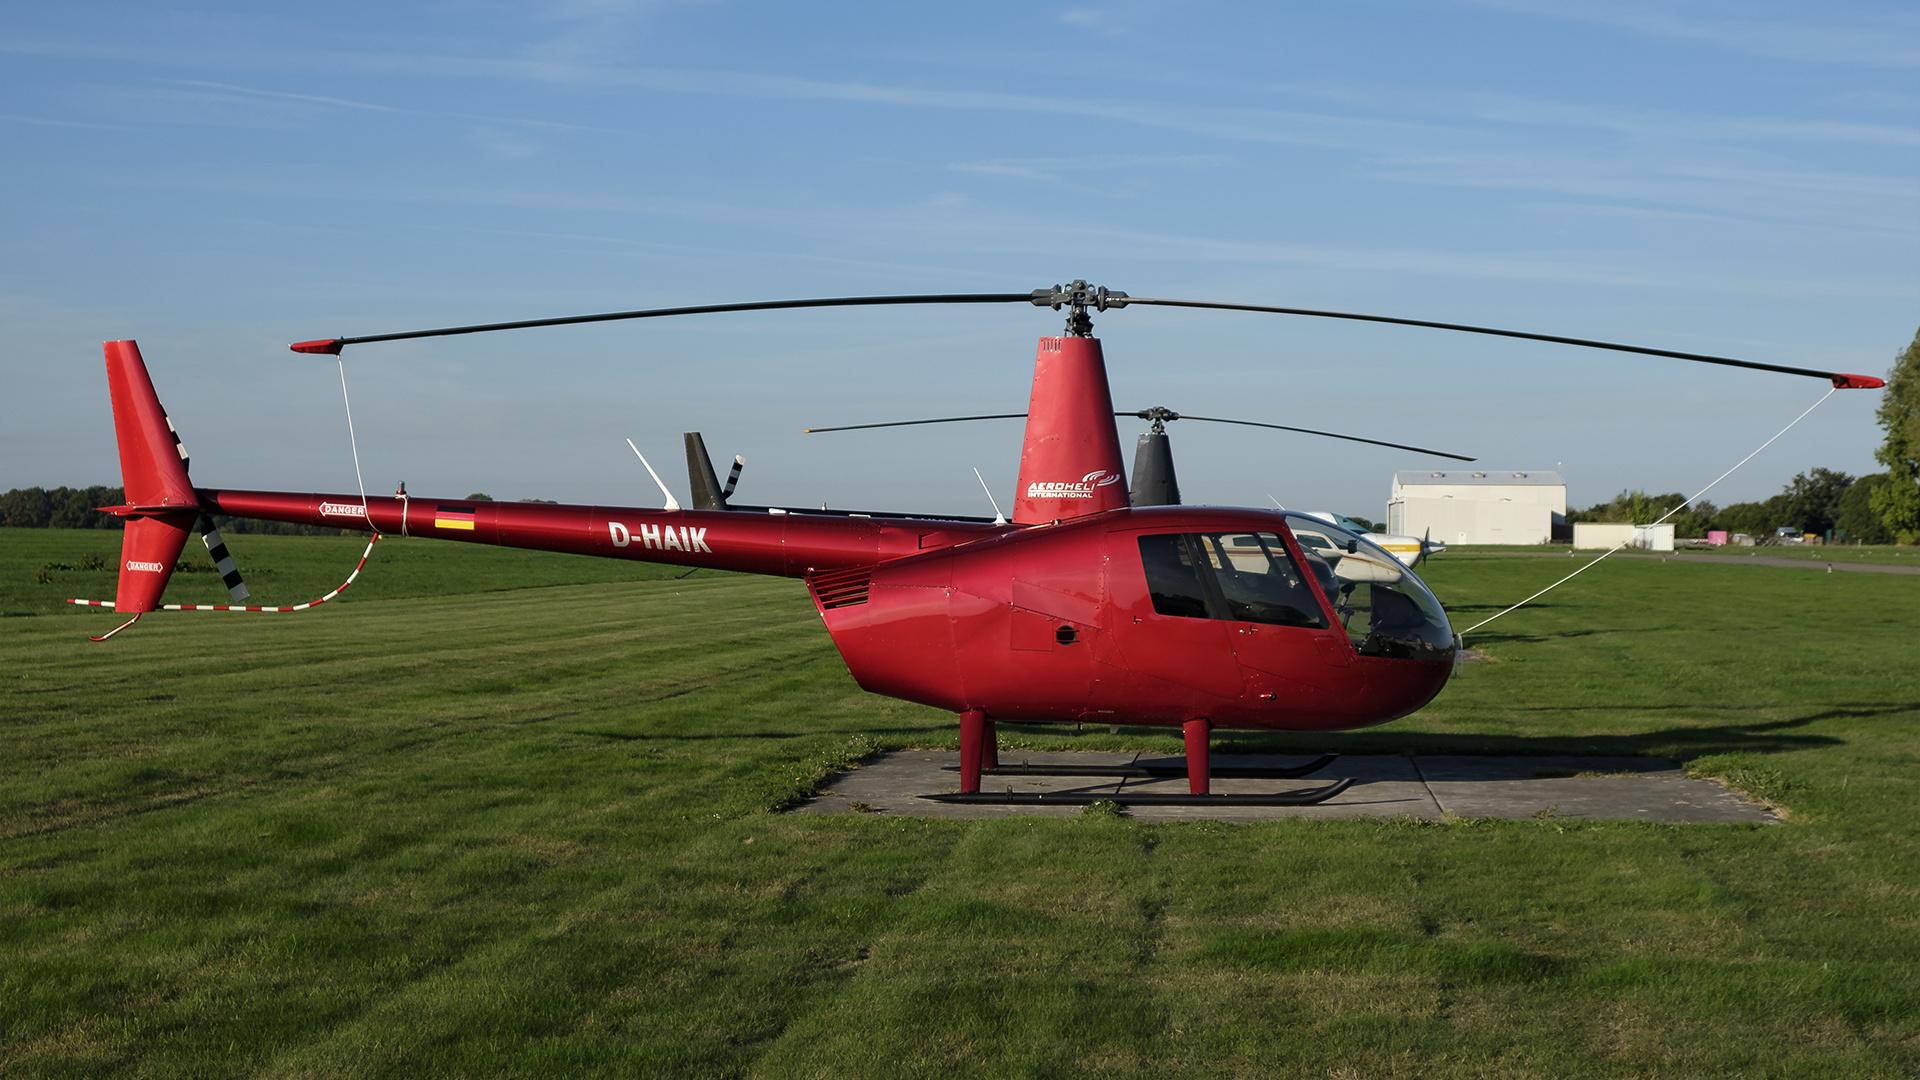 D-HAIL-1 R44 ESS 201809